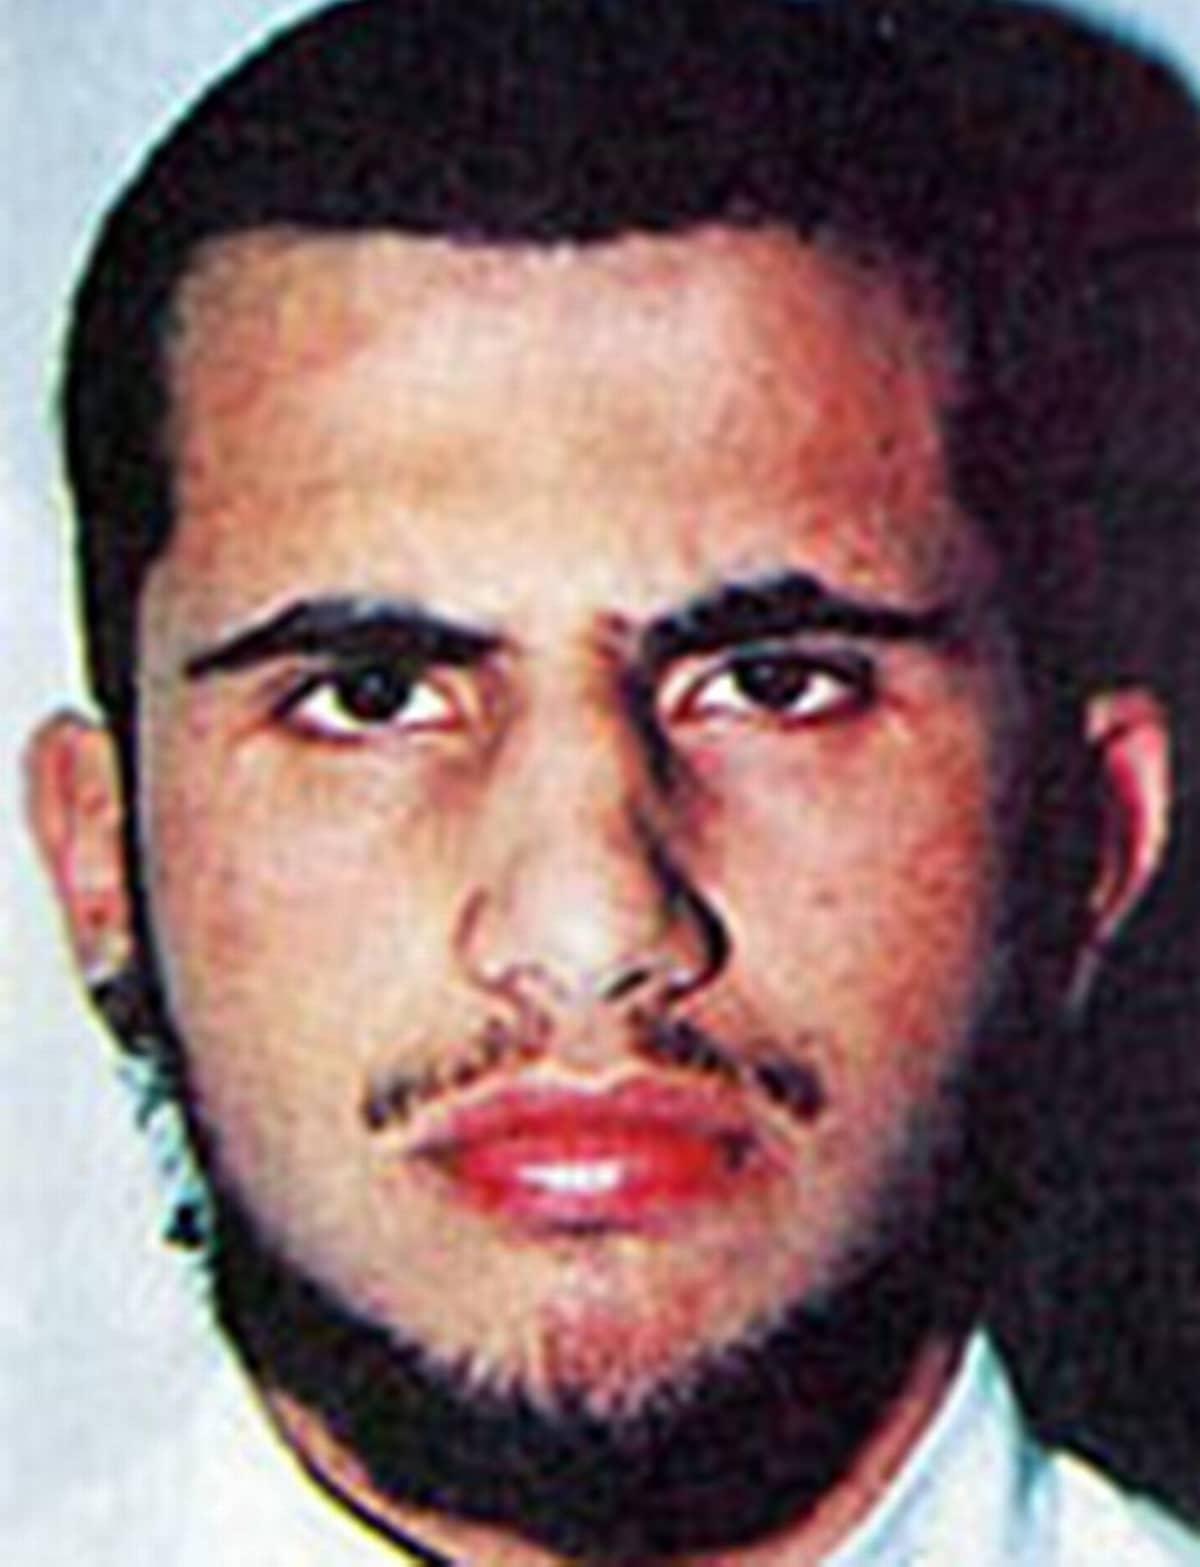 Ryhmä tunnetaan nimellä Khorasan ja sen johtajana toimii al-Qaidan sisäpiiriin kuulunut 33-vuotias Muhsin al-Fadhli.